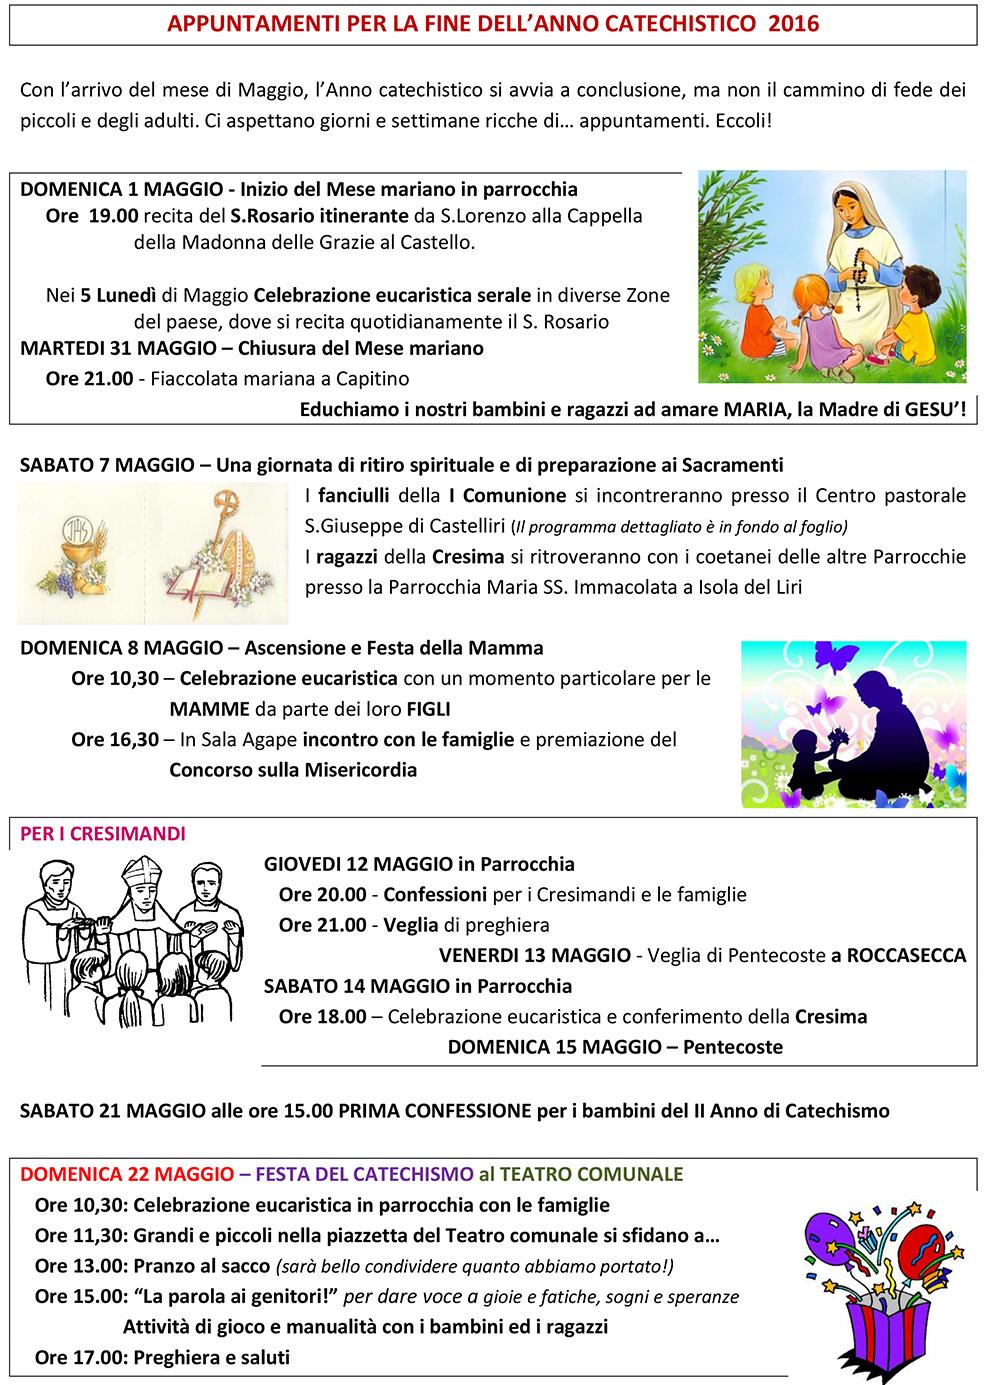 San Lorenzo Martire ® - 2016 04 24 - APPUNTAMENTI fine catechismo 2016 - 1